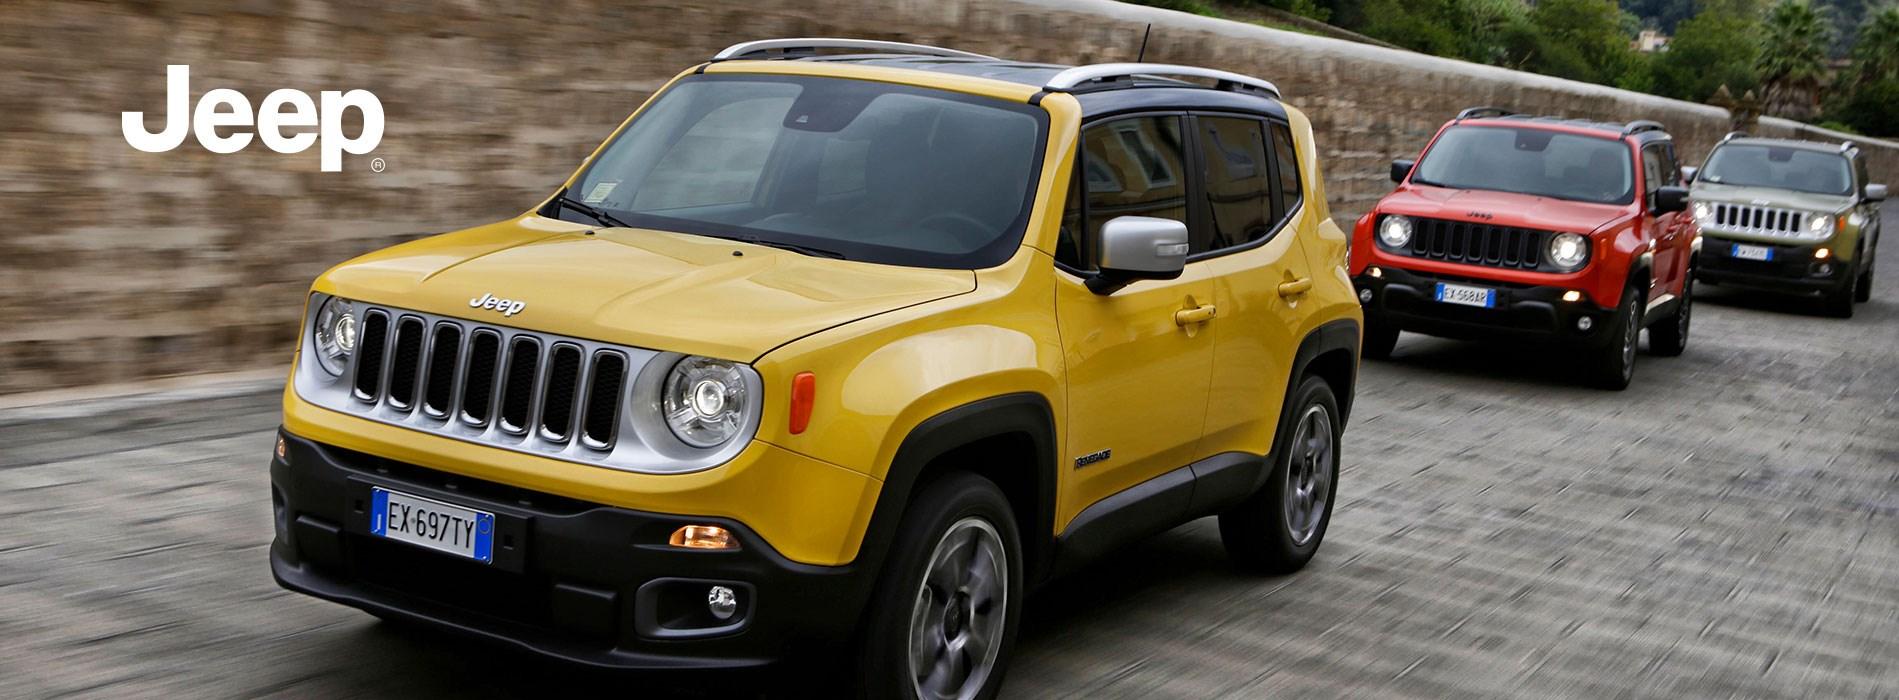 nowy-jeep-splashpage